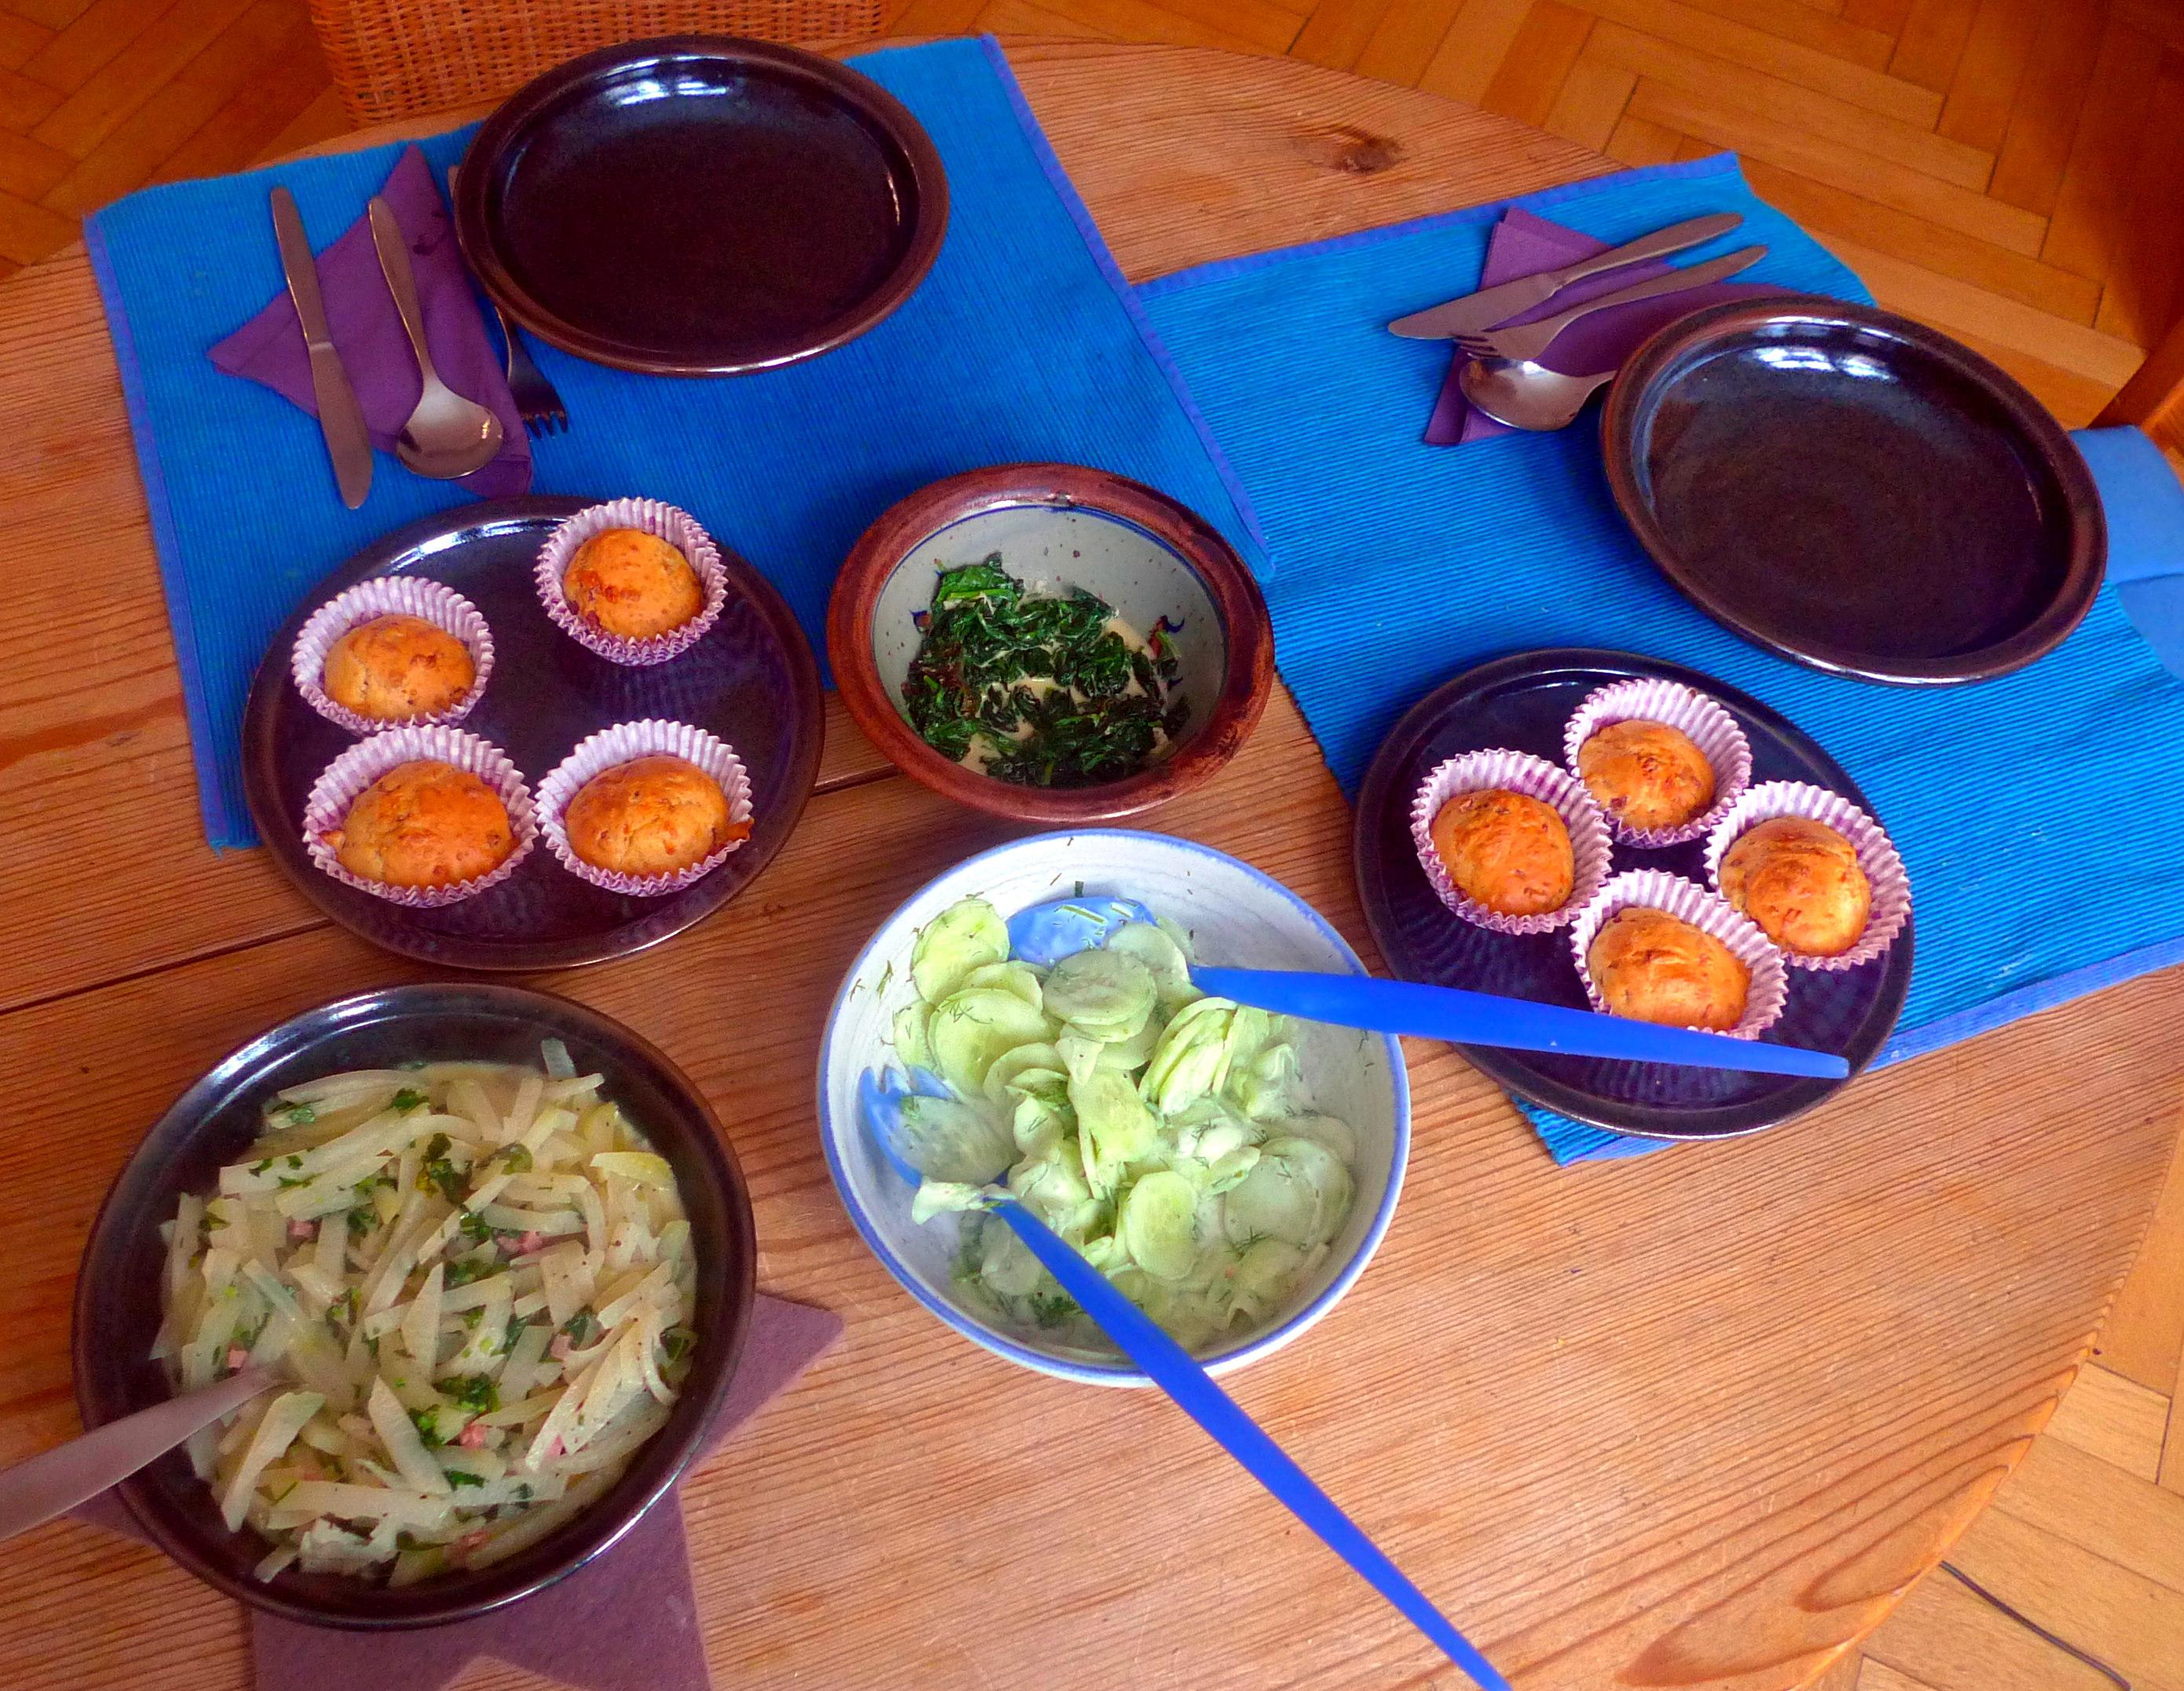 schinken-kase-muffinsbabyspinatkohlrabigemusegurkensalat-2